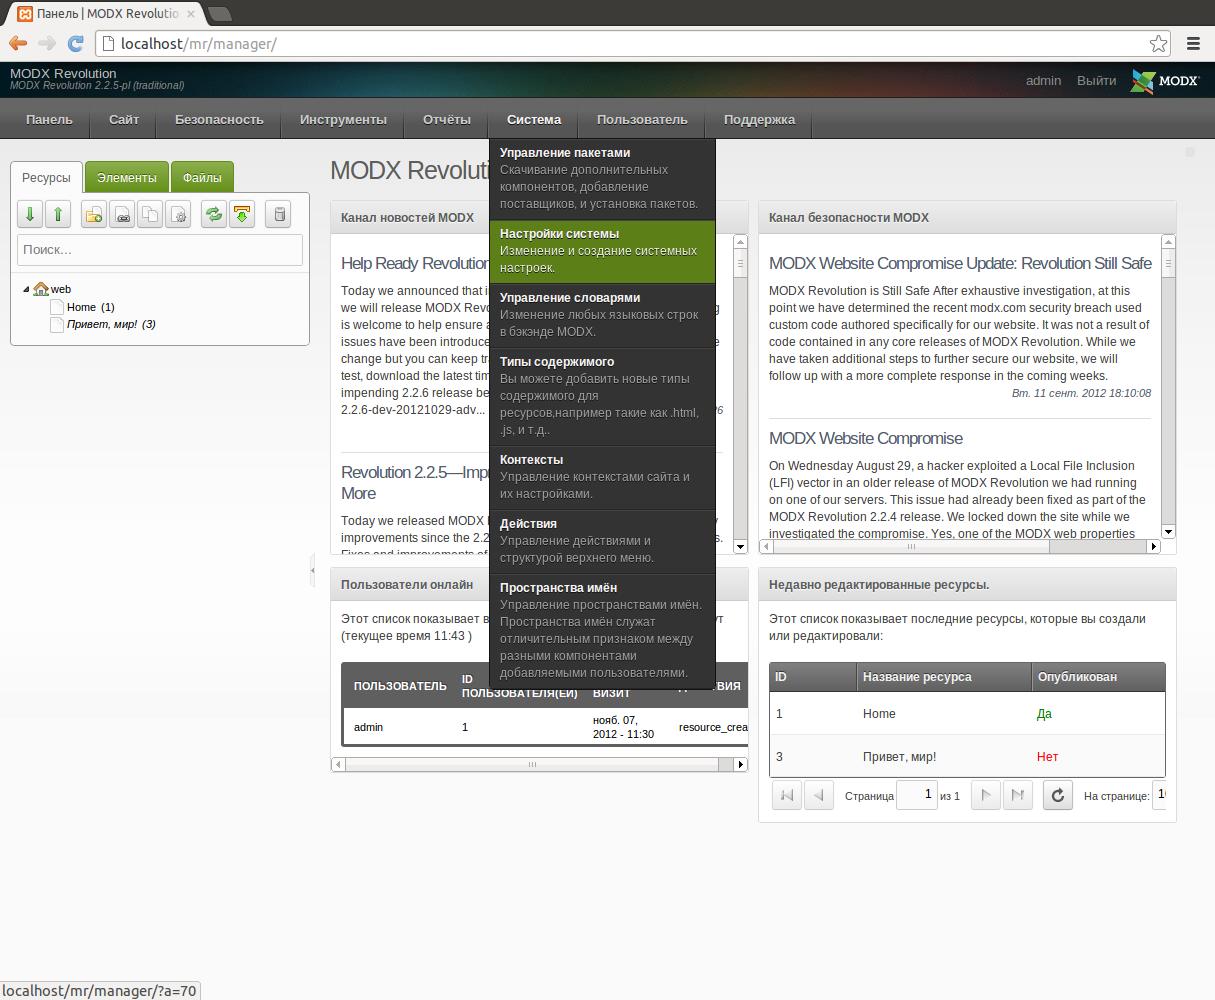 Как сделать кнопку на сайте modx